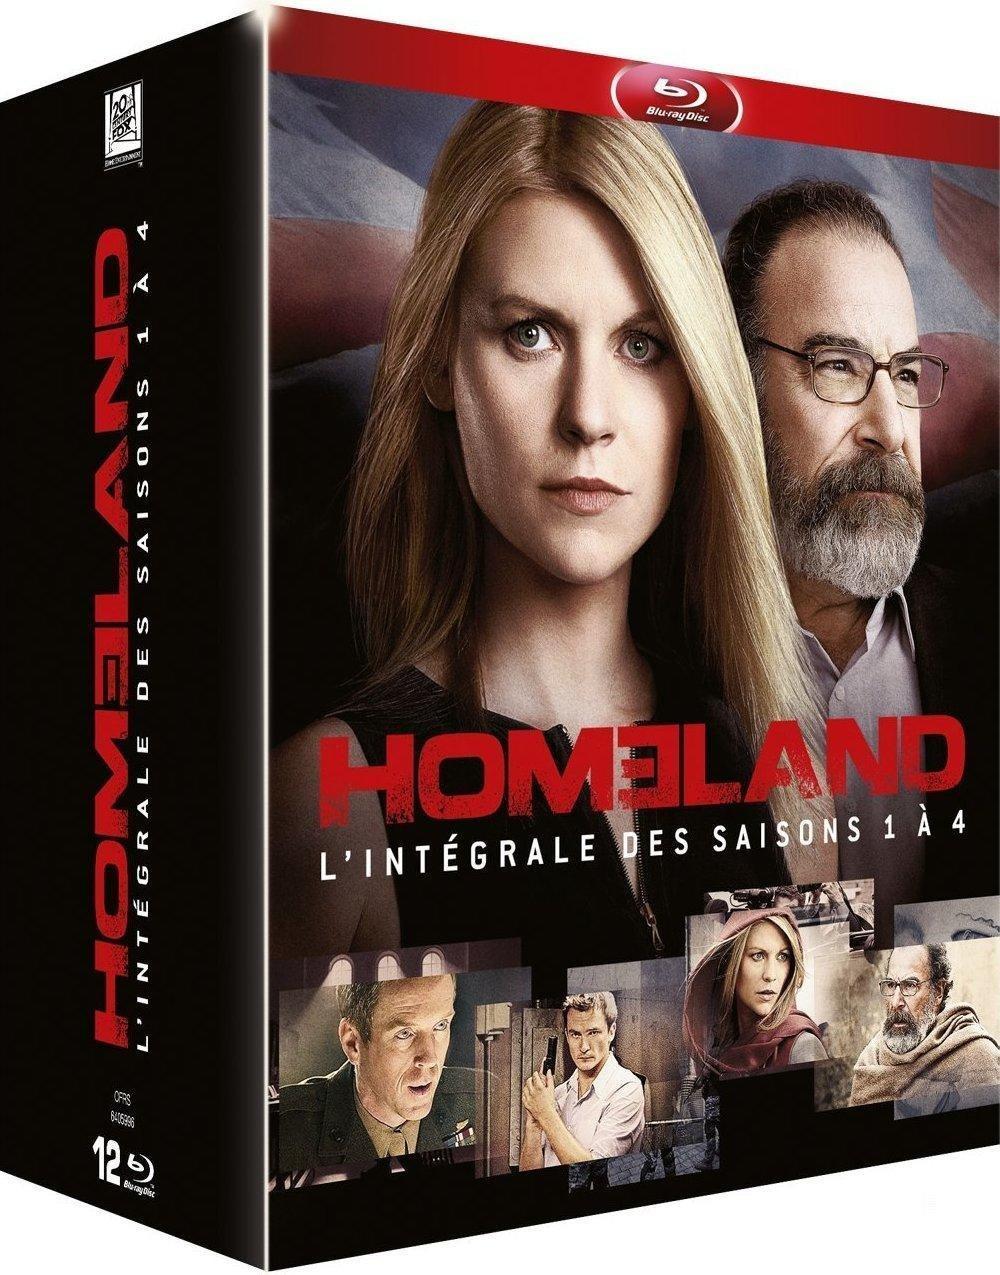 Coffret Blu-ray Homeland - L'intégrale des Saisons 1 à 4